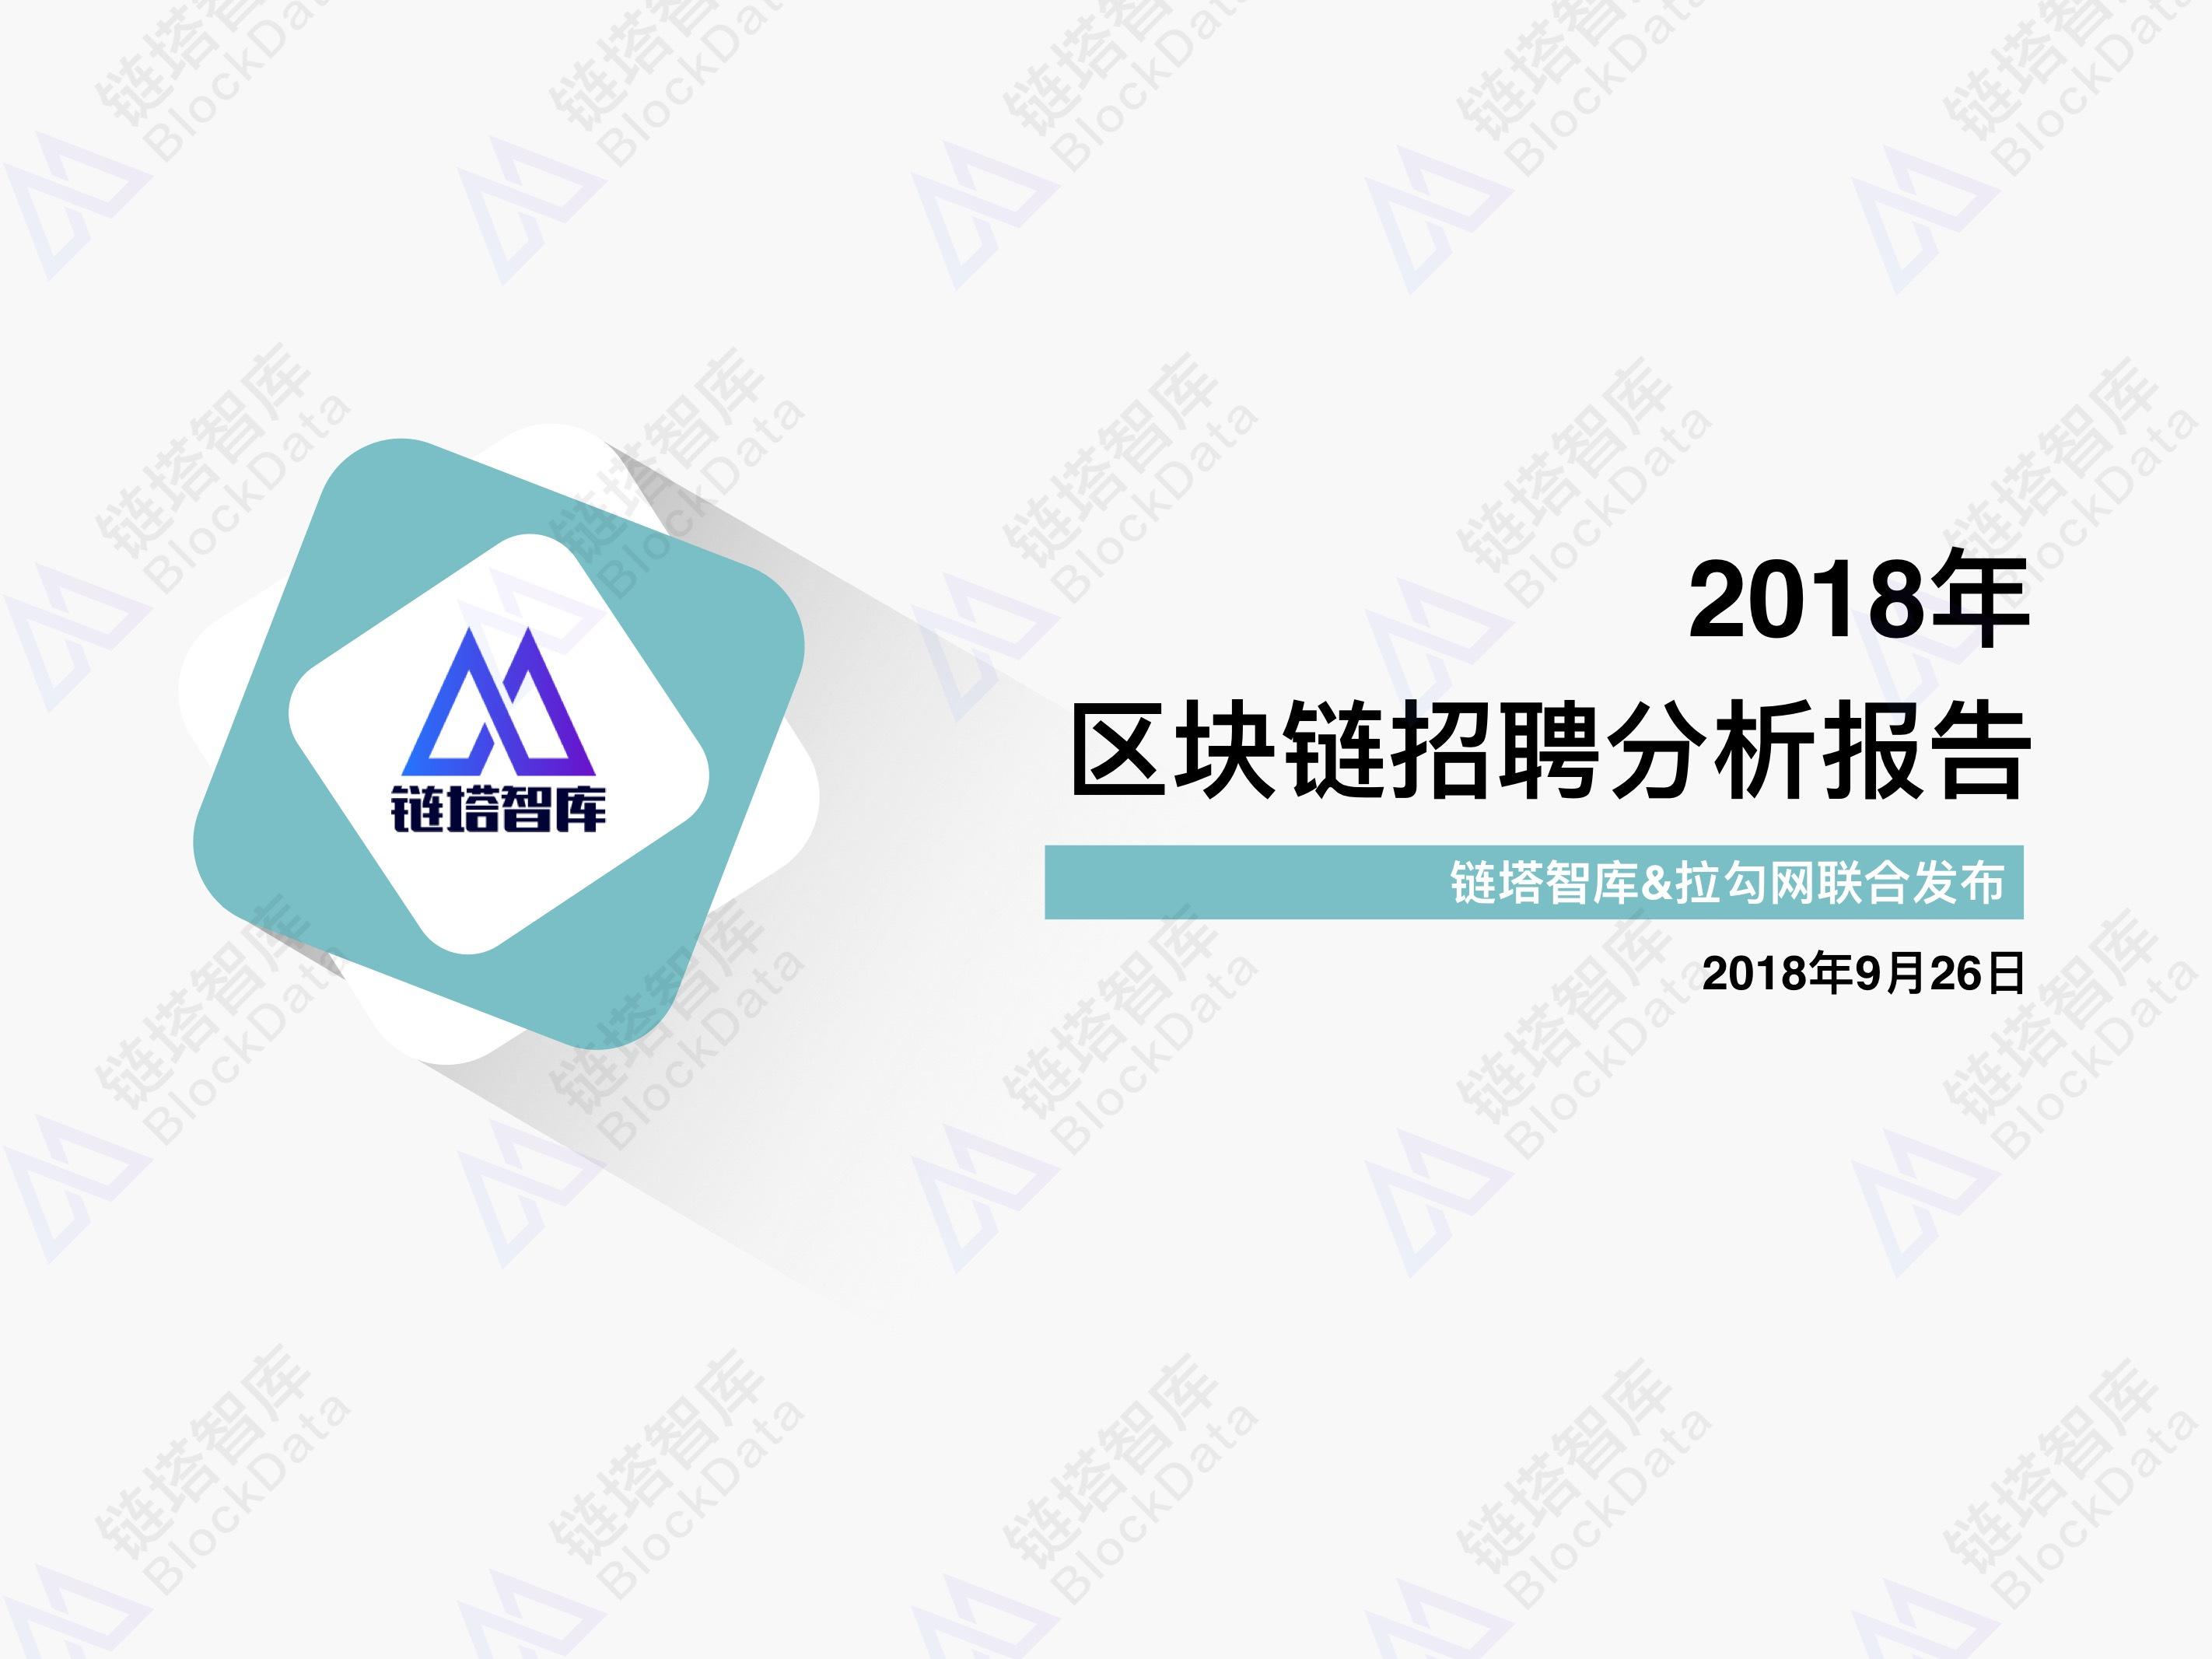 2018 年区块链招聘分析报告